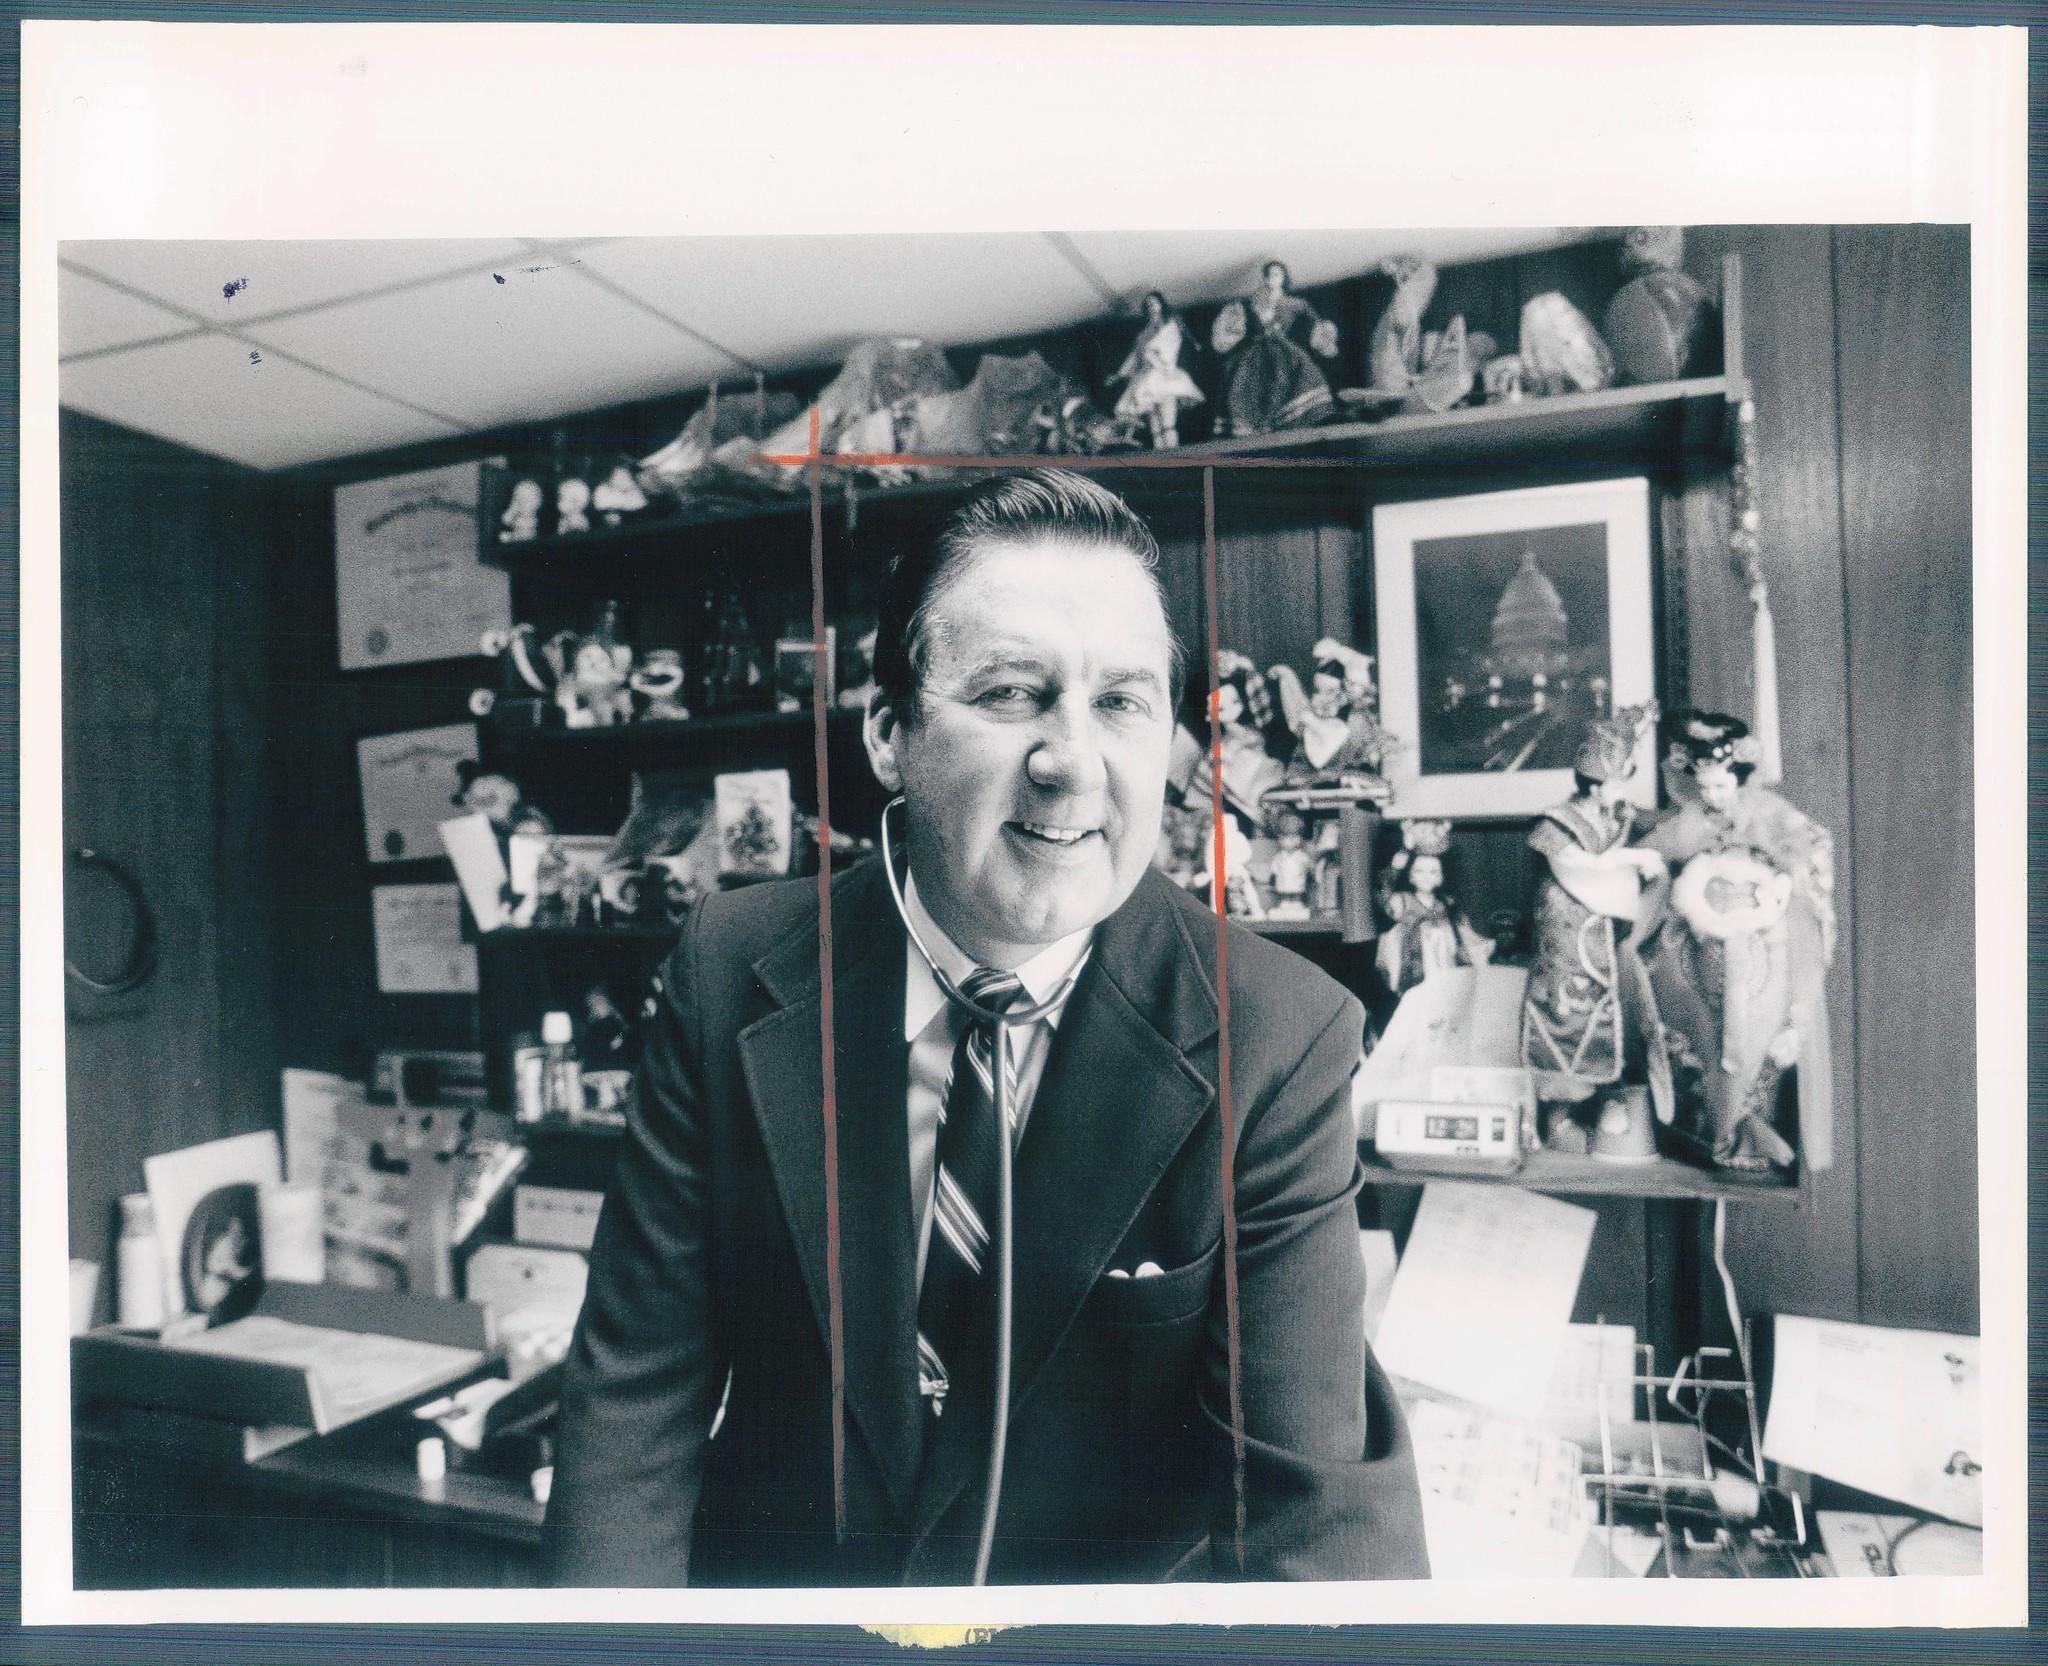 Dr. Paul Mullan